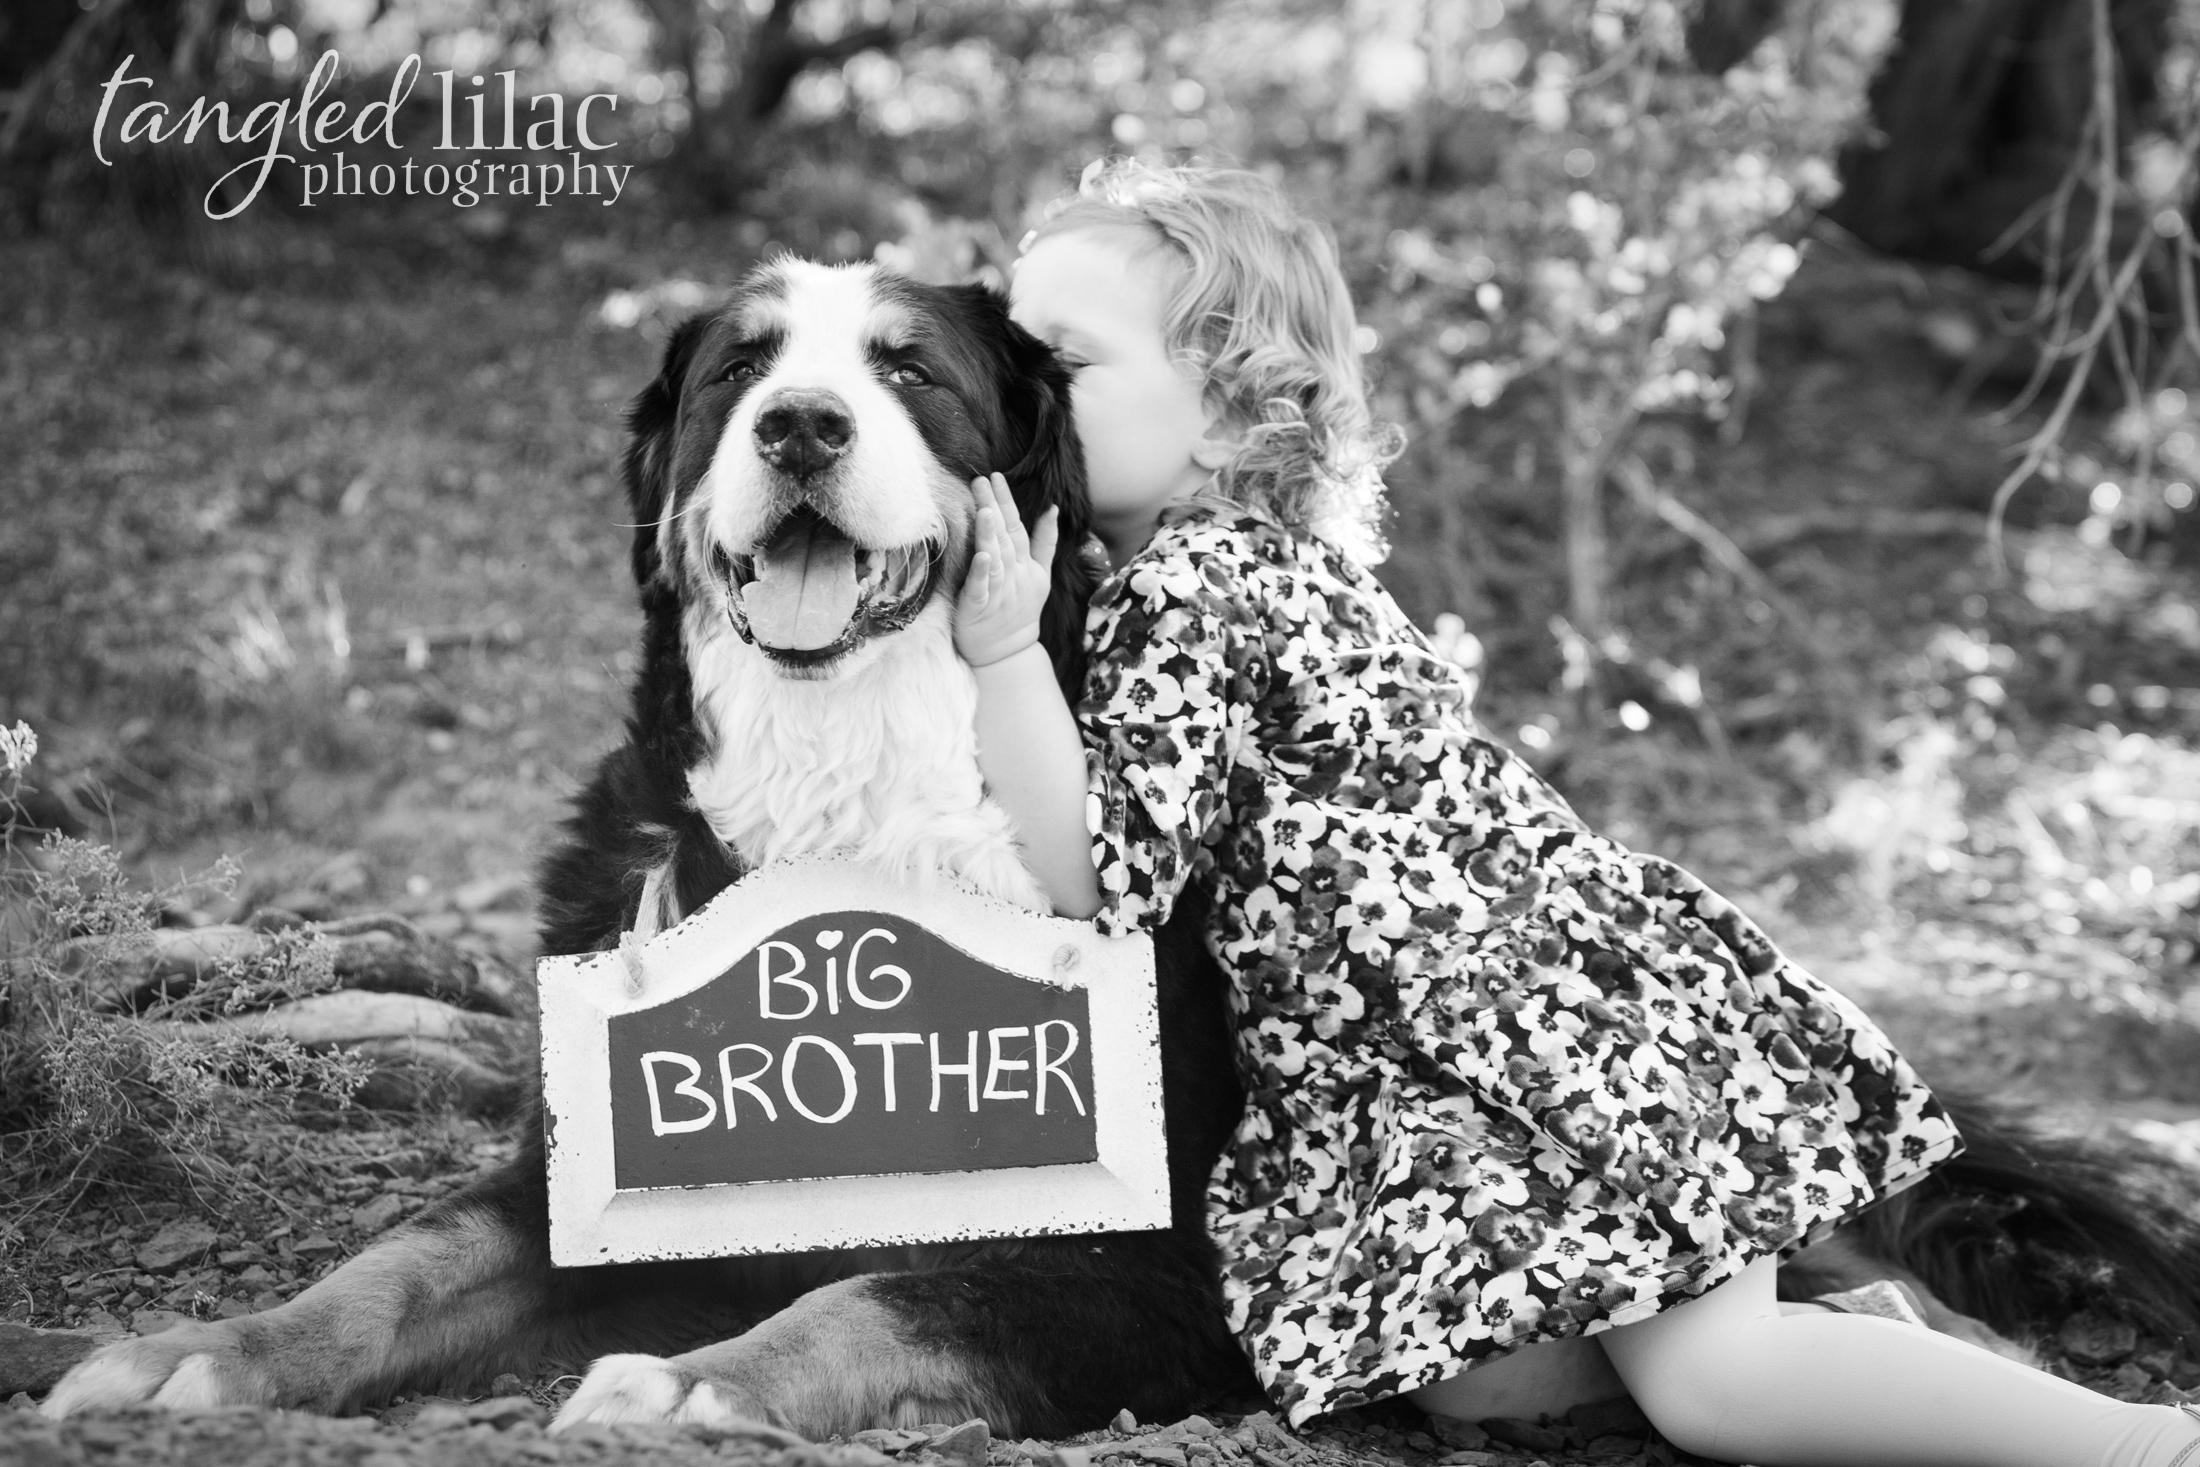 107-sedona-family-photographer-maternity-pet-dog-bernese-mountain-dog